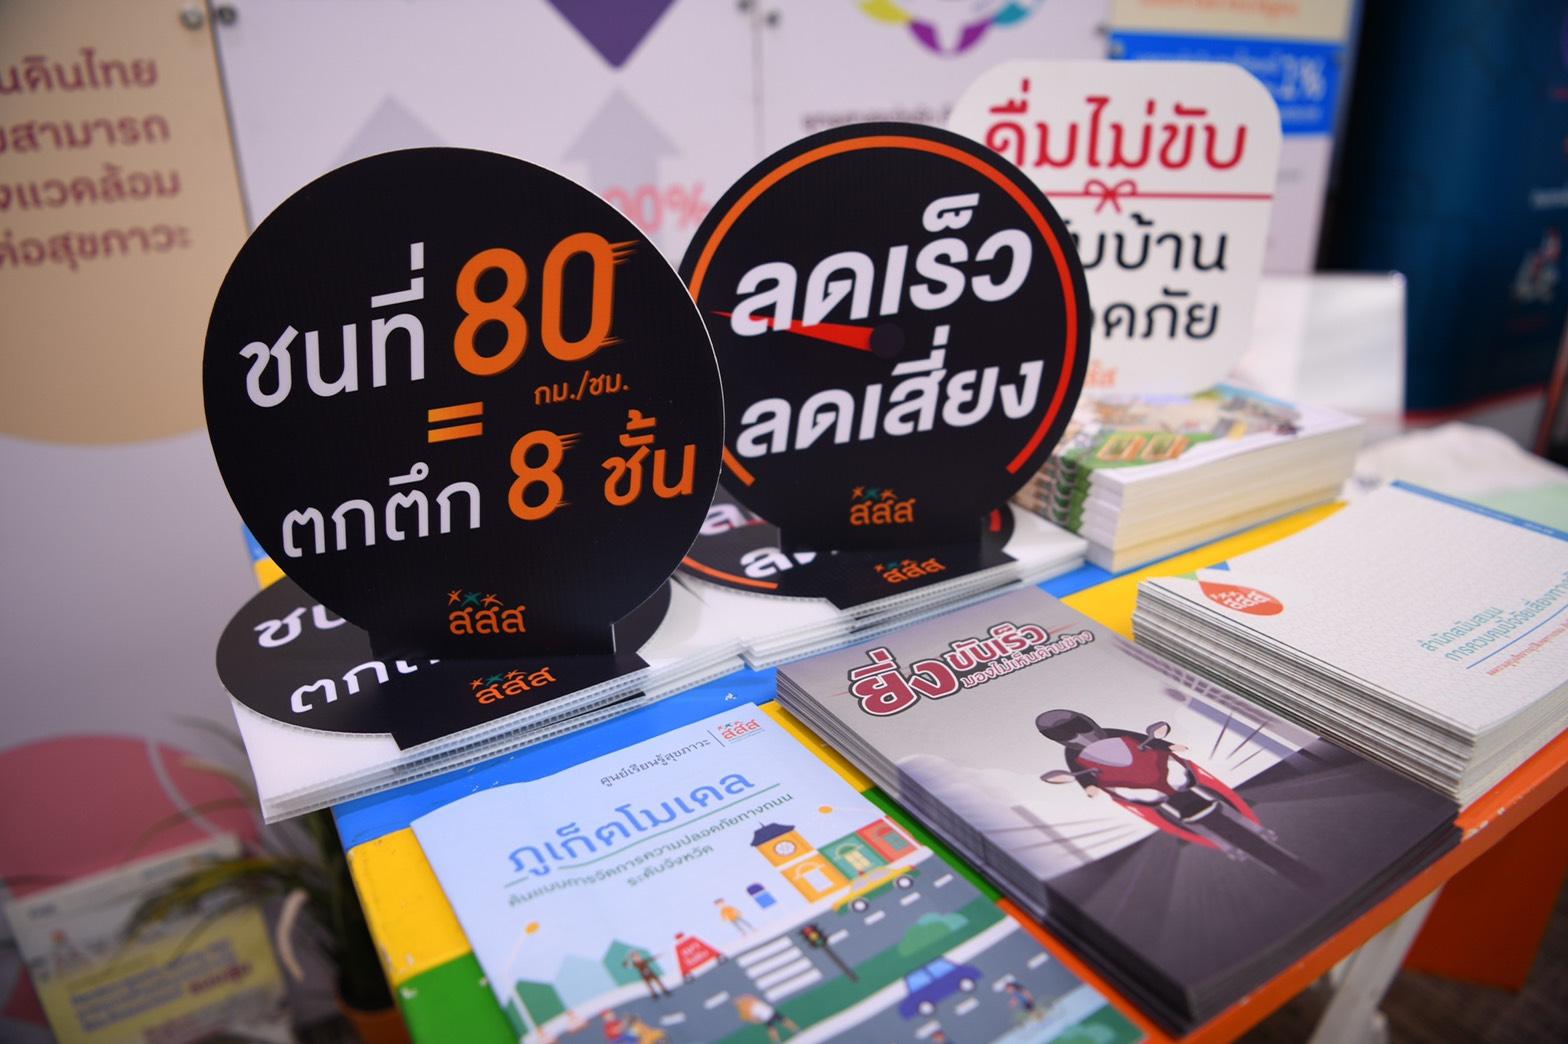 สสส.จับมือภาคีฯ ลดอุบัติเหตุ สร้างความปลอดภัยทางถนน thaihealth